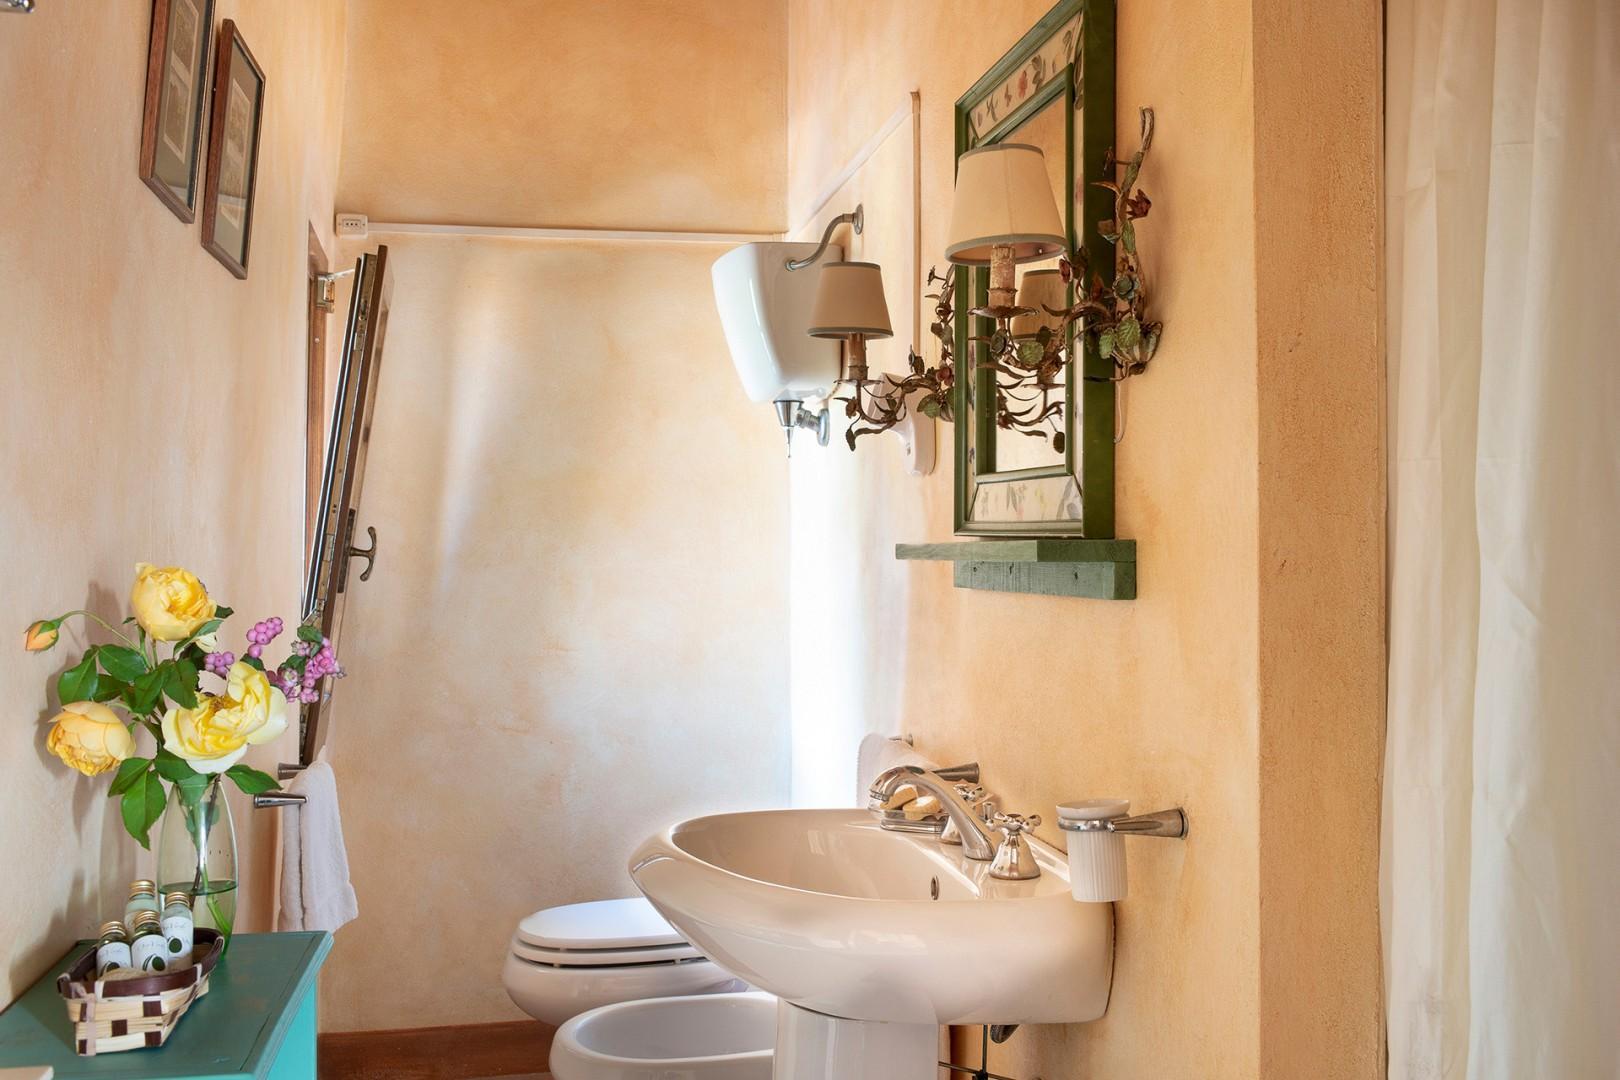 En suite bathroom has a shower, sink, toilet,  bidet, and nice courtyard view.